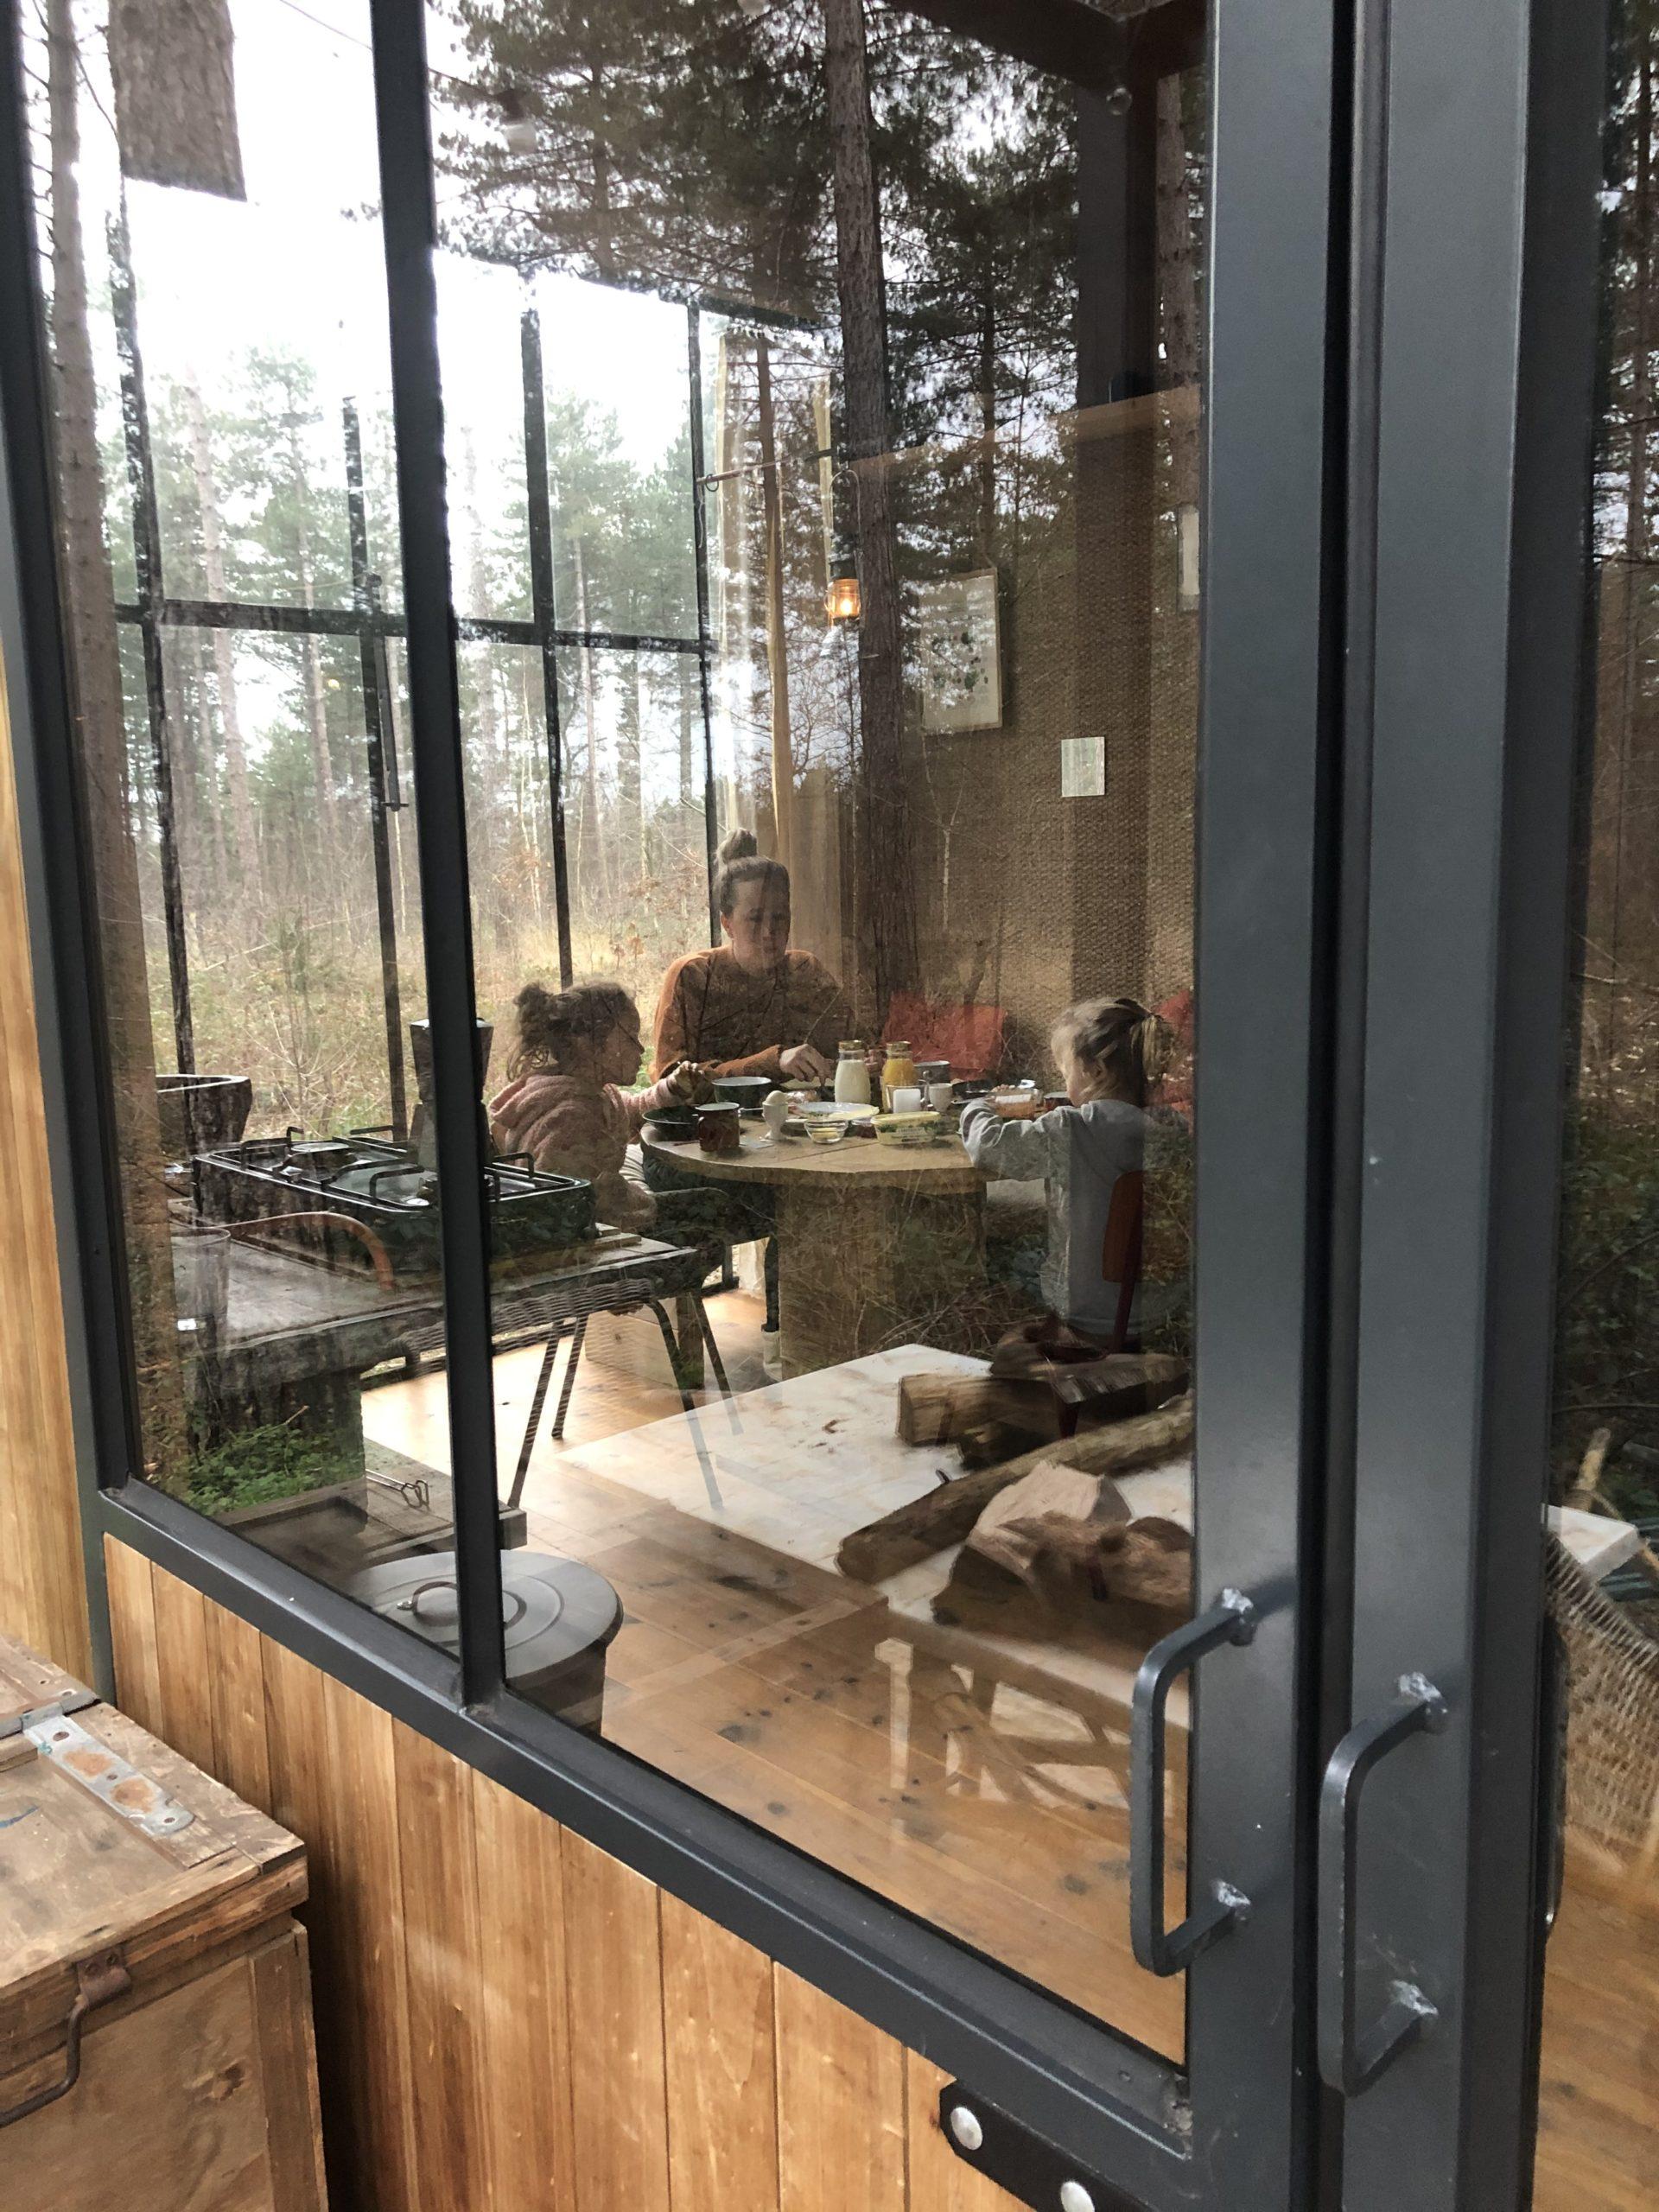 Wil jij een weekendje weg met kids? Dan is Warredal in Belgie een tip. Joene deelt haar review bij Kinderfavorites. Mooie natuur en accomodatie.